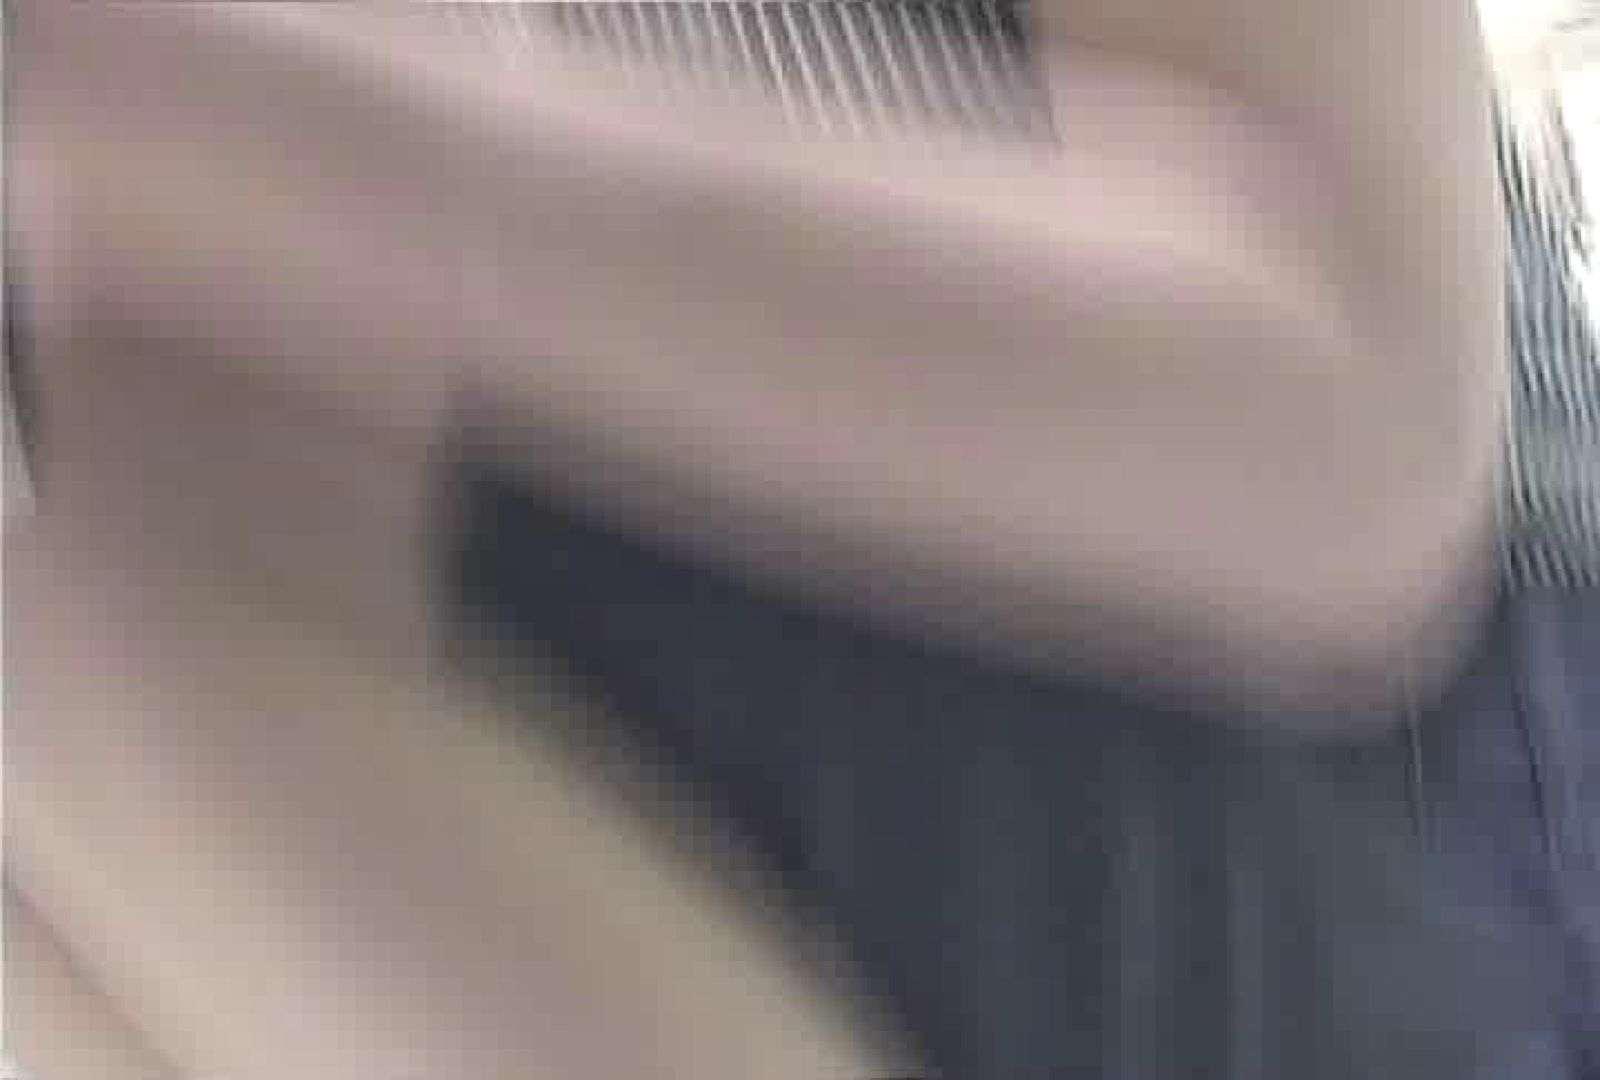 ショップ店員のパンチラアクシデント Vol.26 美女のヌード 濡れ場動画紹介 99画像 89